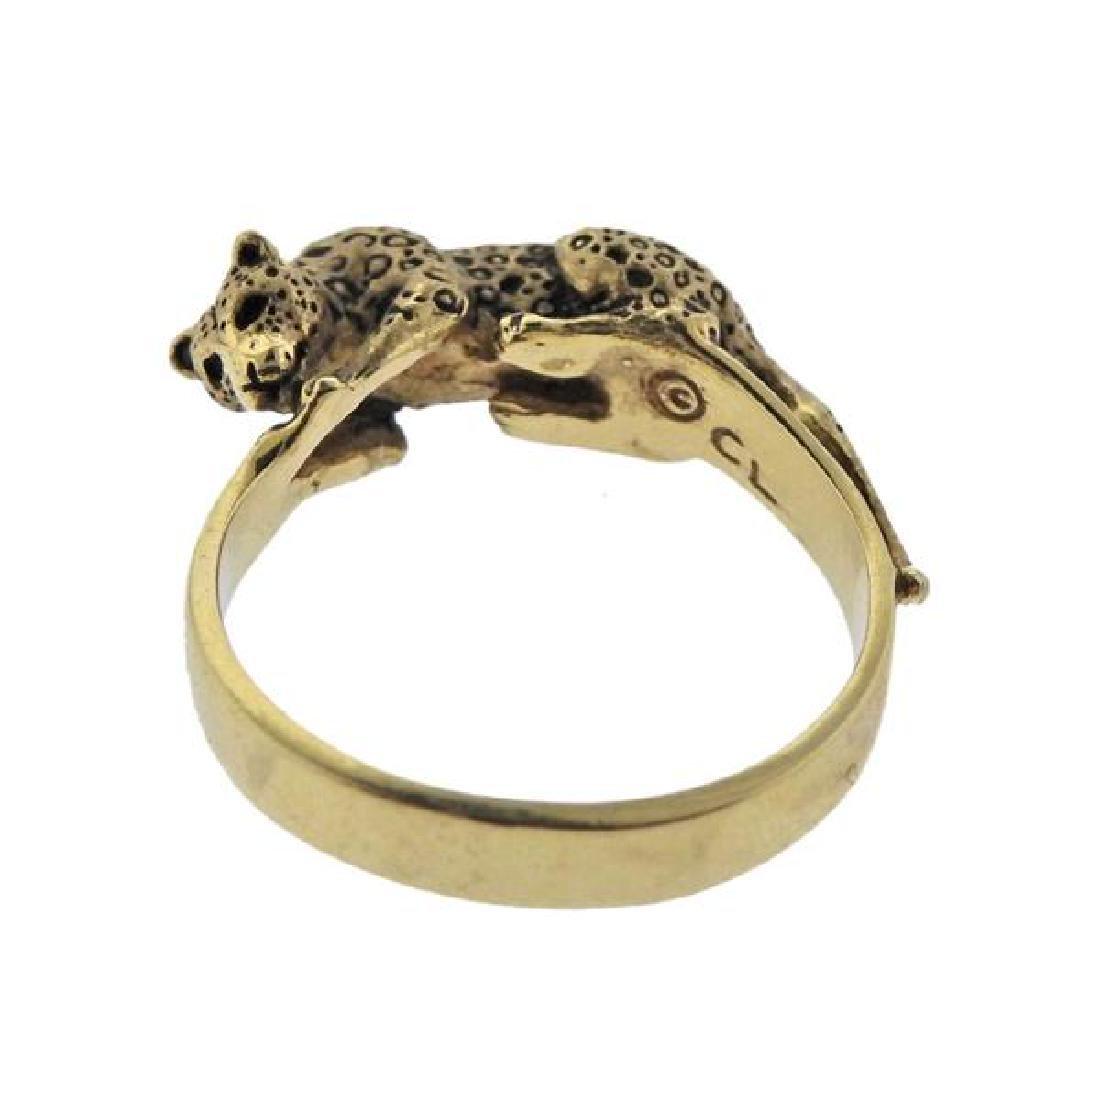 14K Gold Jaguar Ring - 4